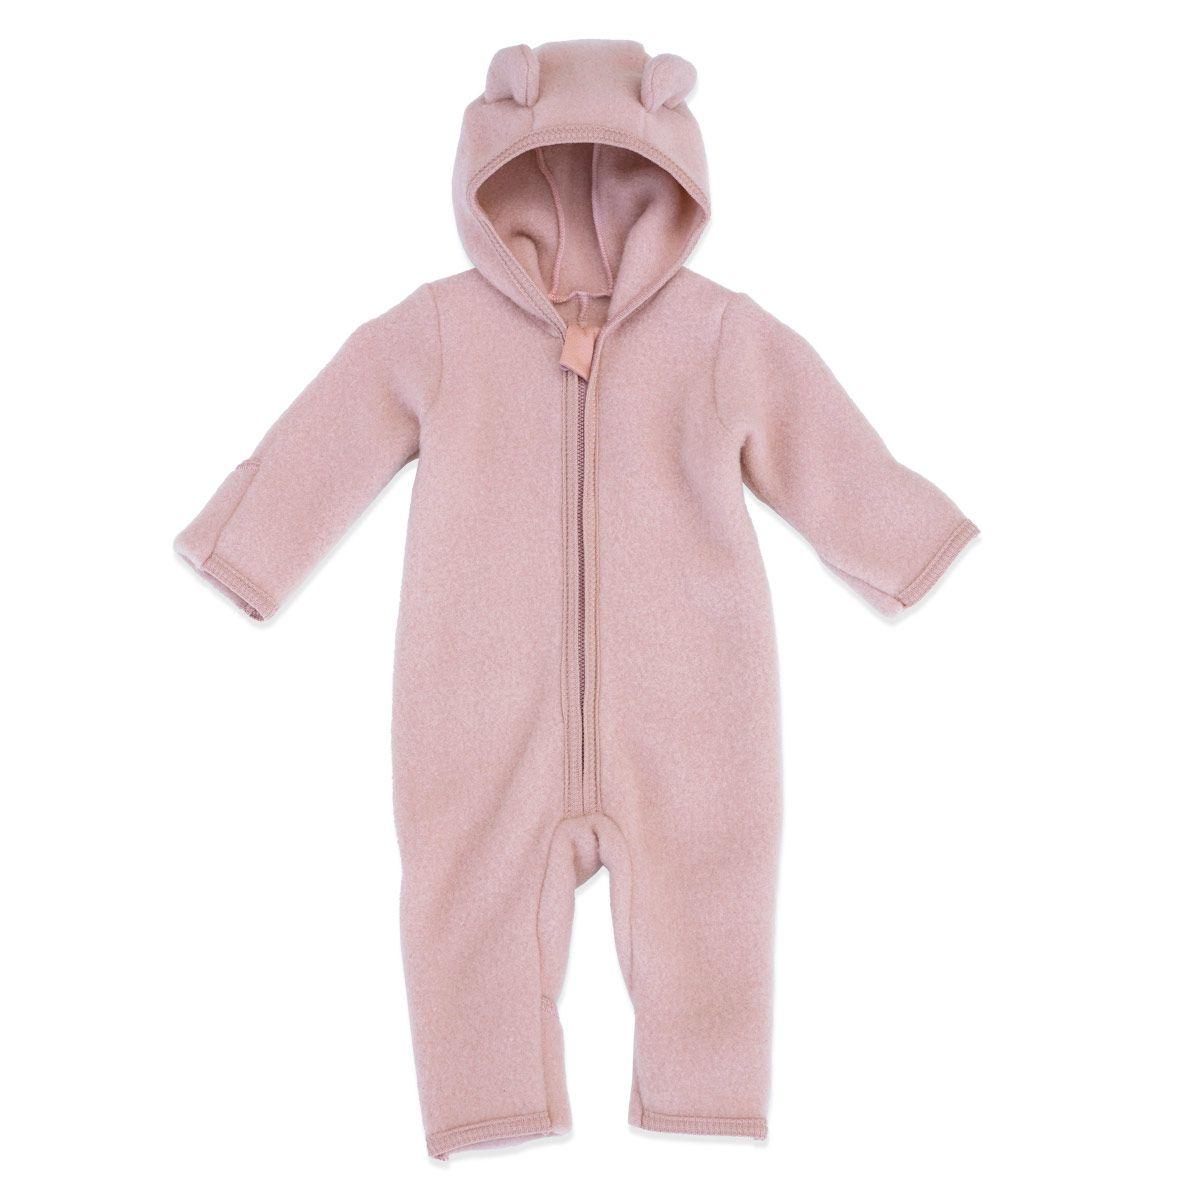 Huttelihut ALLIE Babysuit w/Ears, Wool Fleece - Dusty Rose